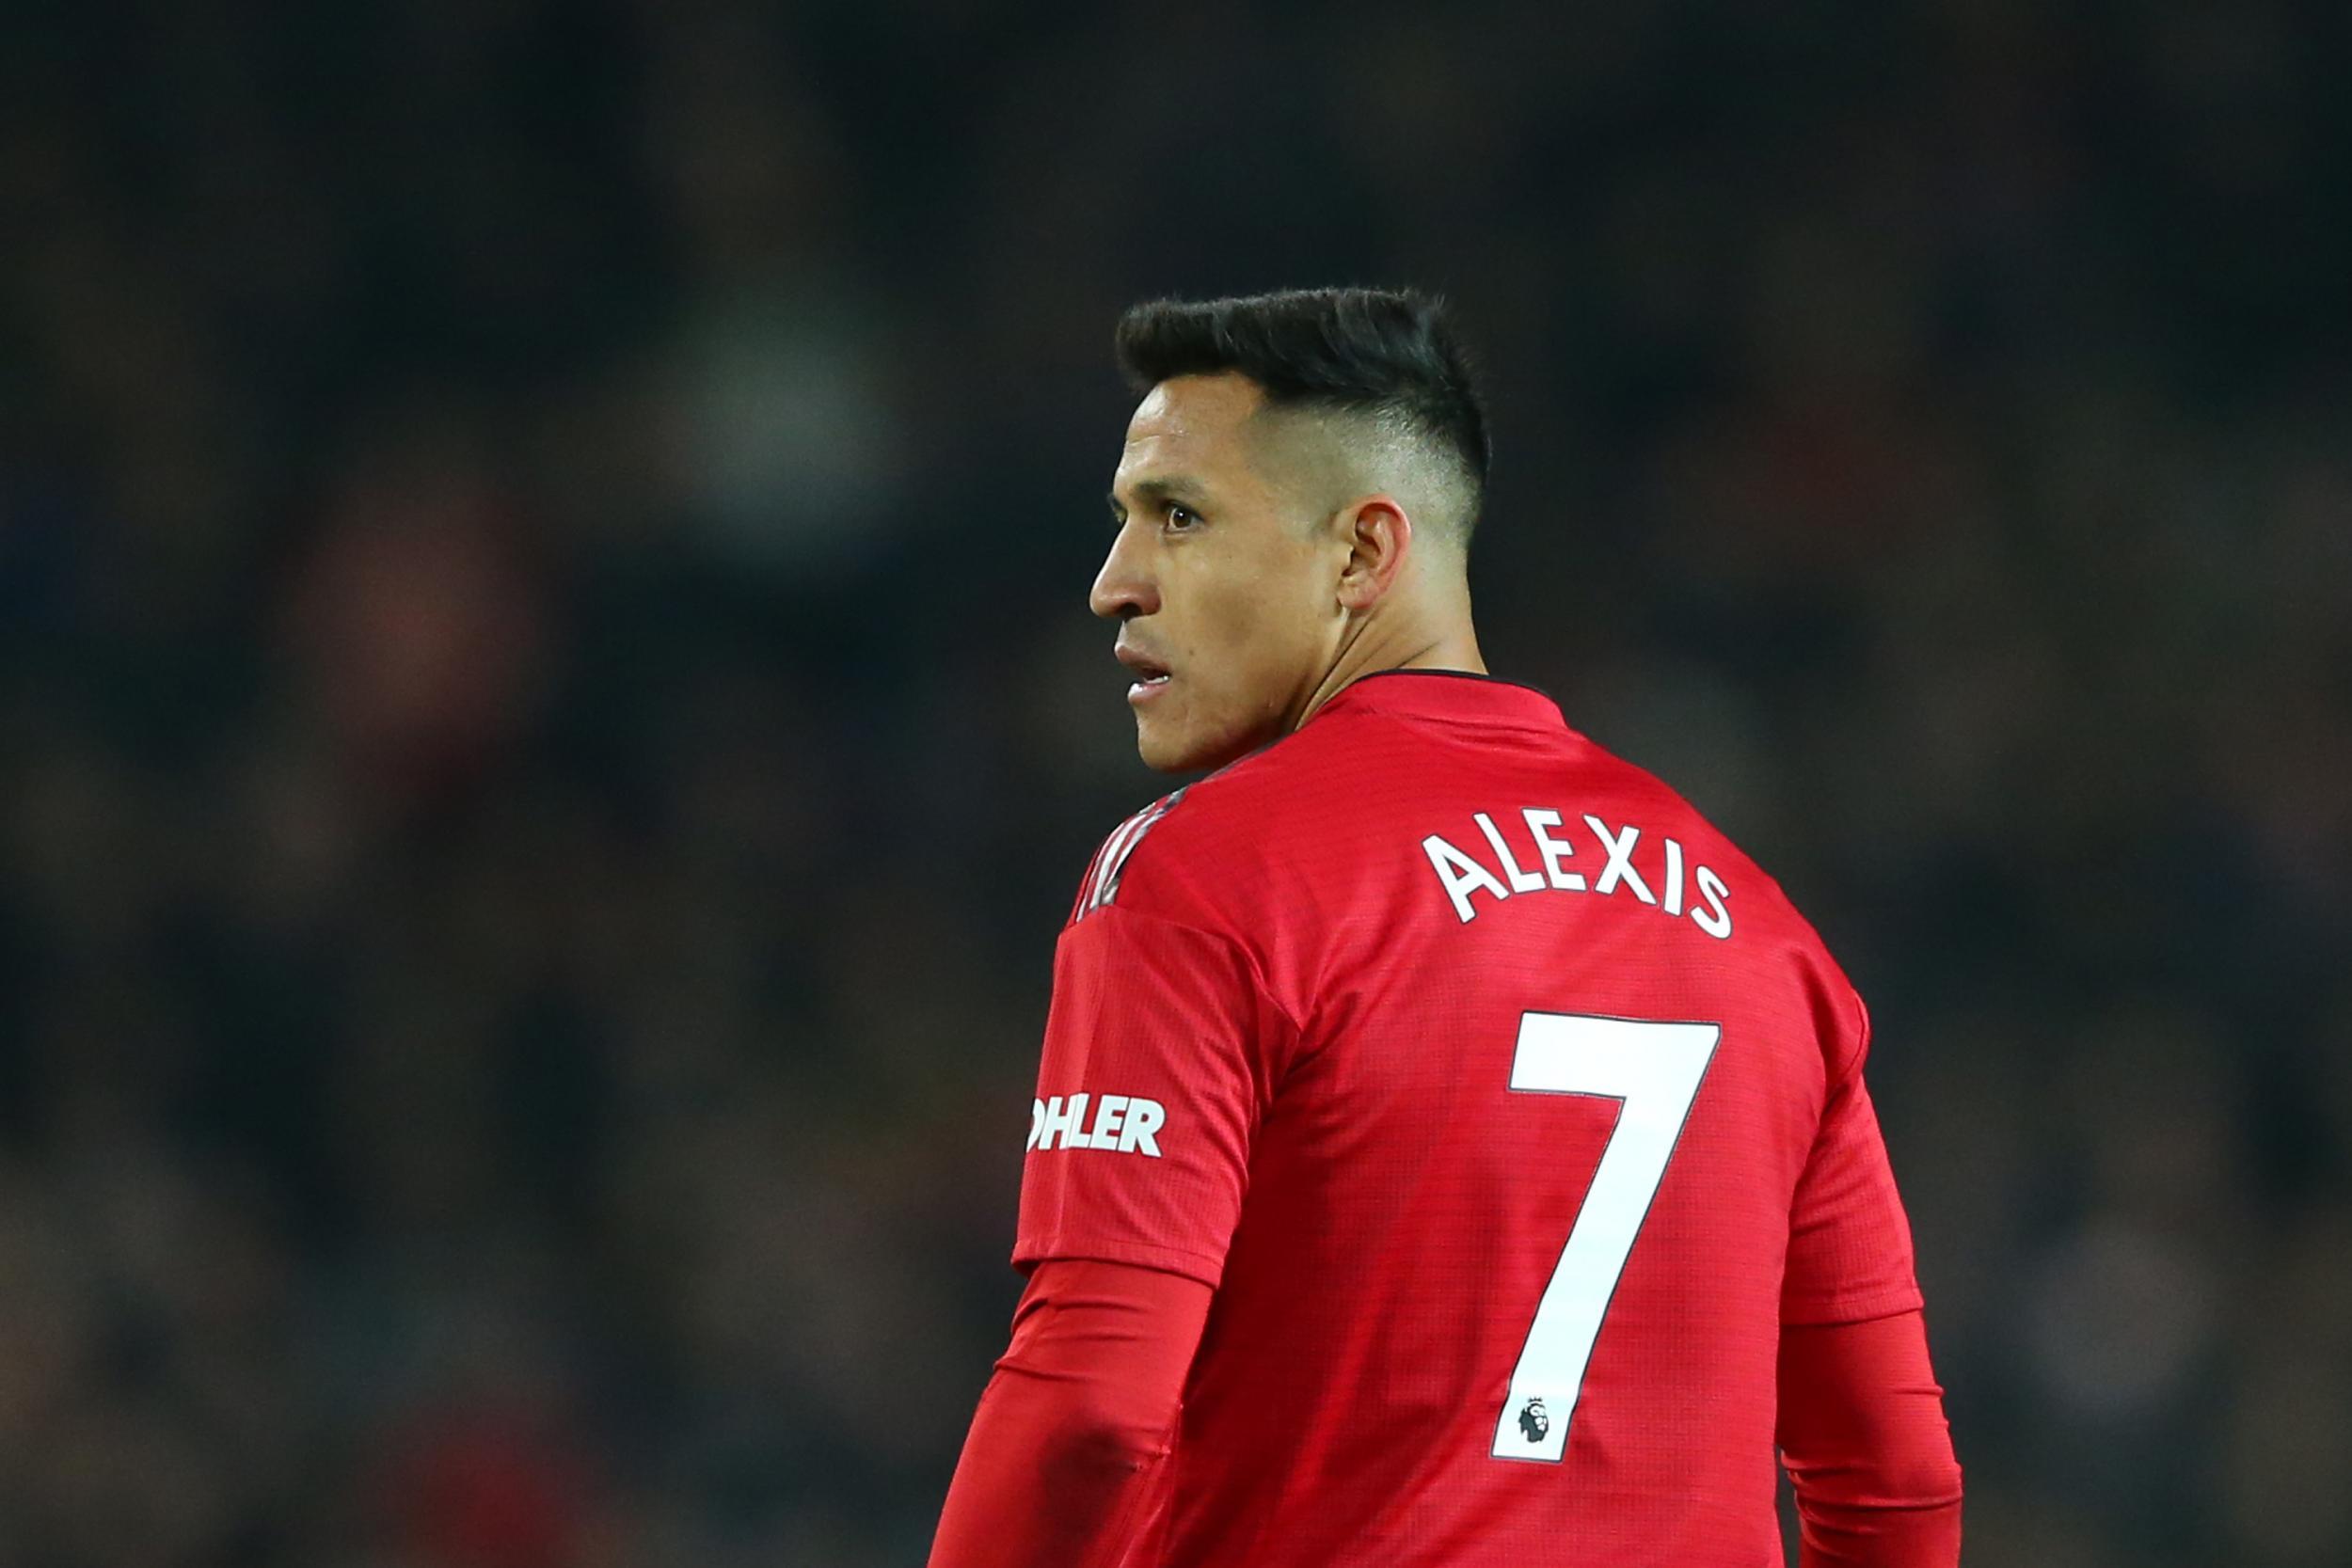 CĐV Man Utd muốn bán cái tên này ngay và luôn - Bóng Đá